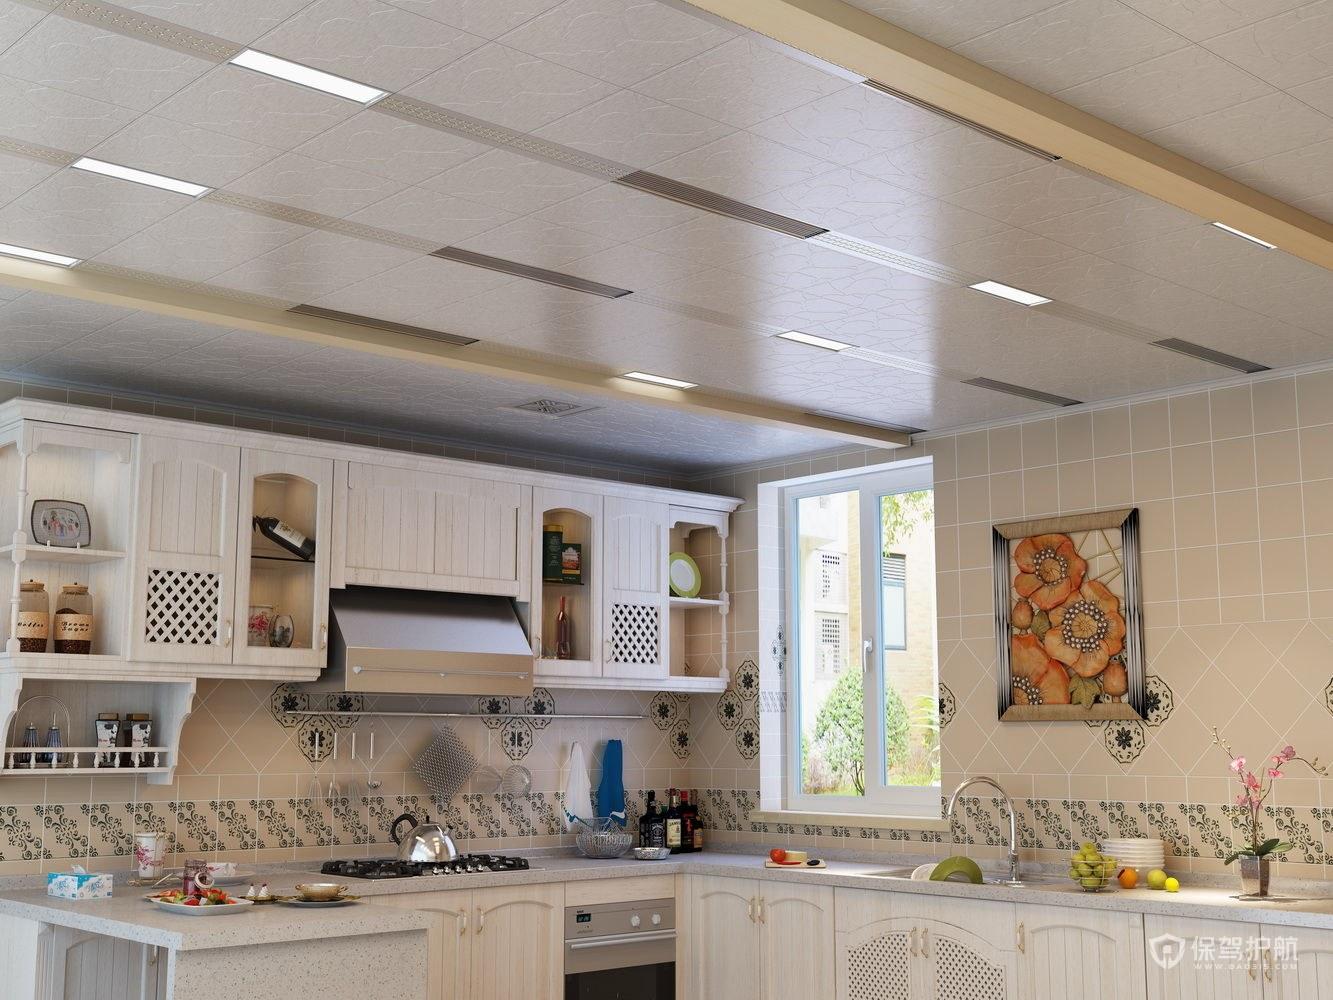 厨房集成吊顶装修效果图-保驾护航装修网